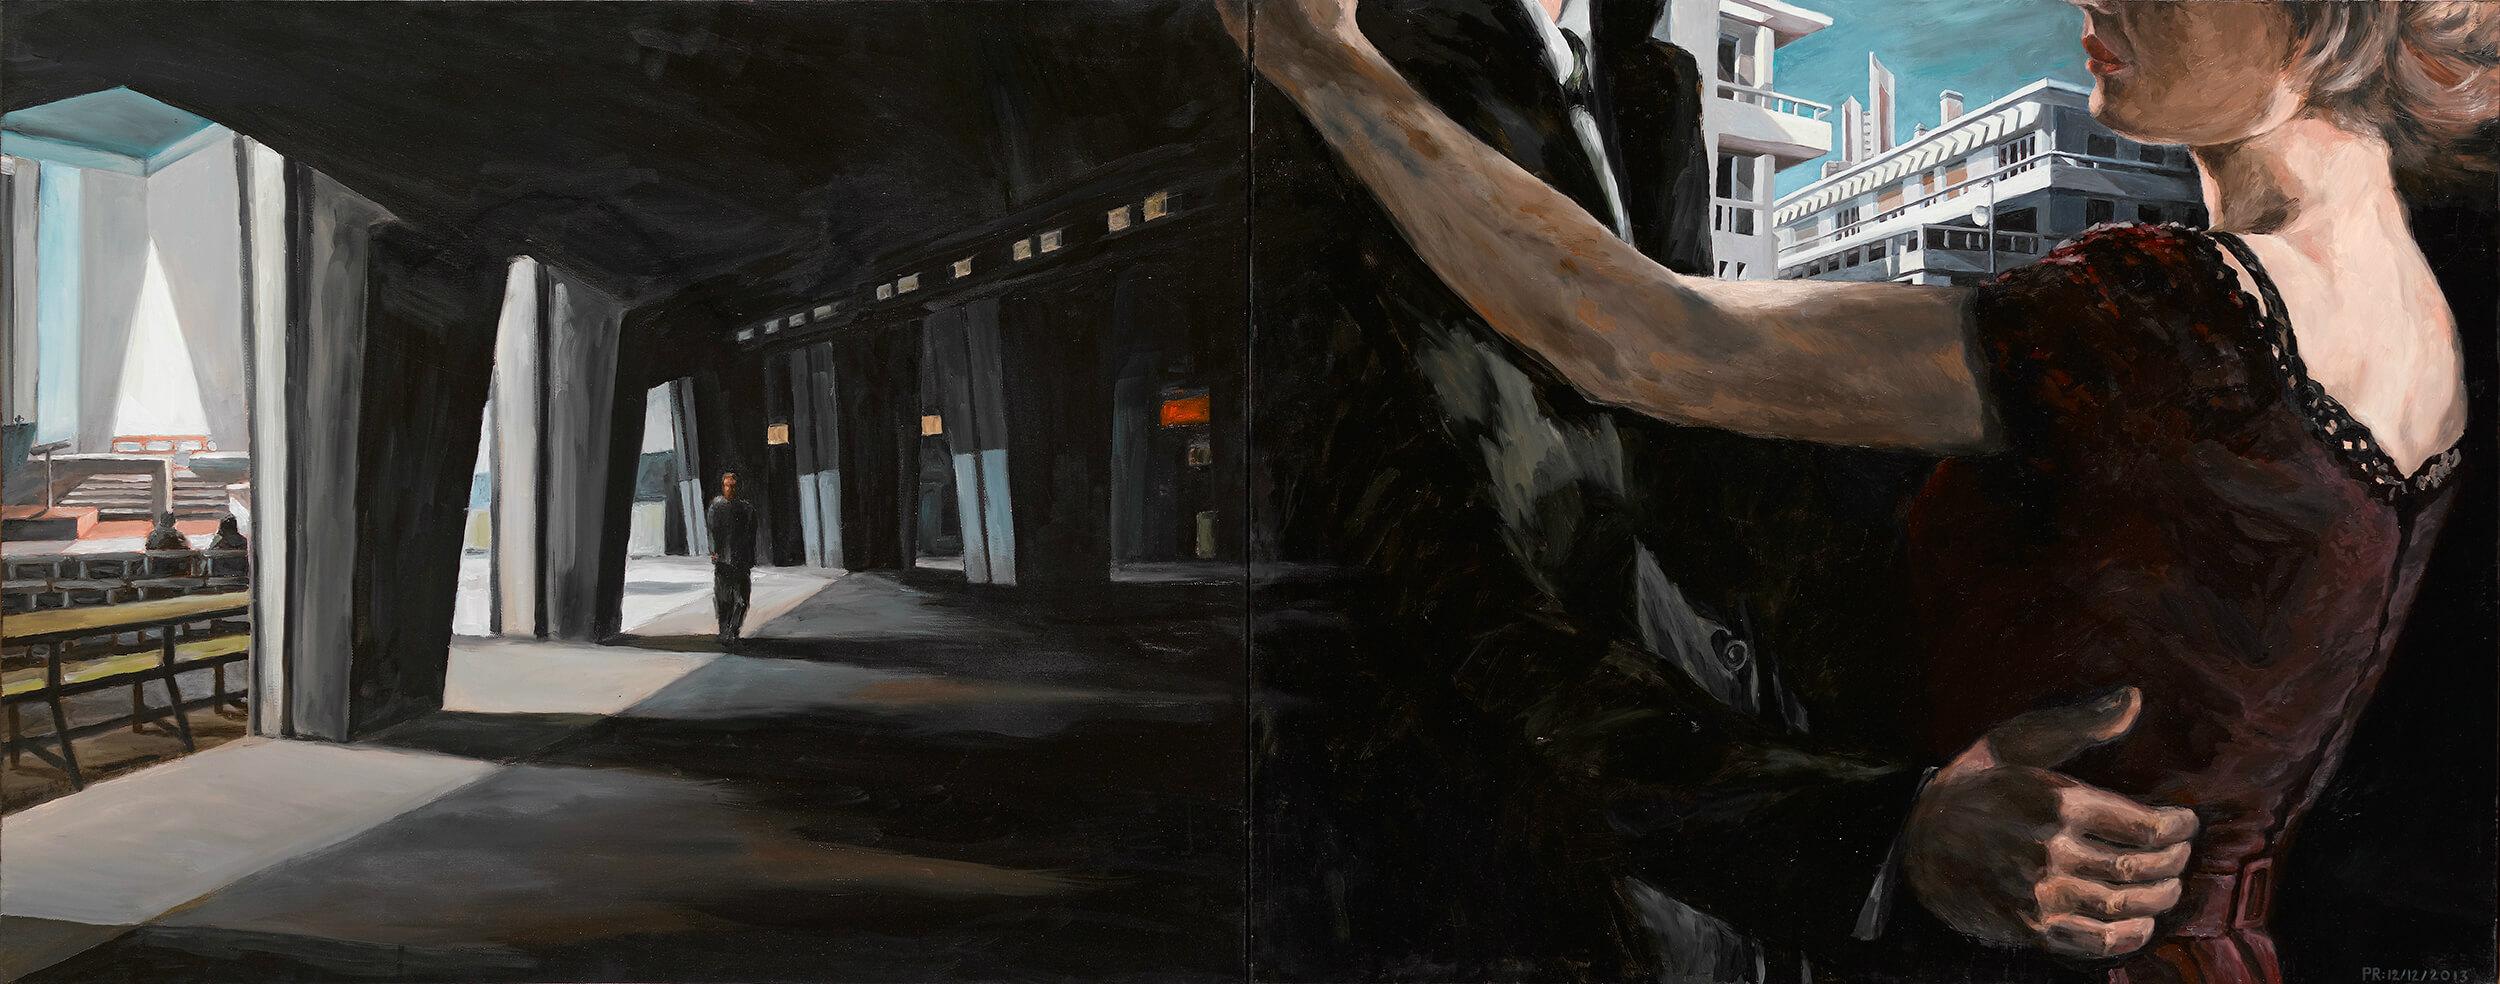 Philippe ROBERT - Au coeur du petit jour - Huile sur toile sur lin, diptyque 184 x 75 cm